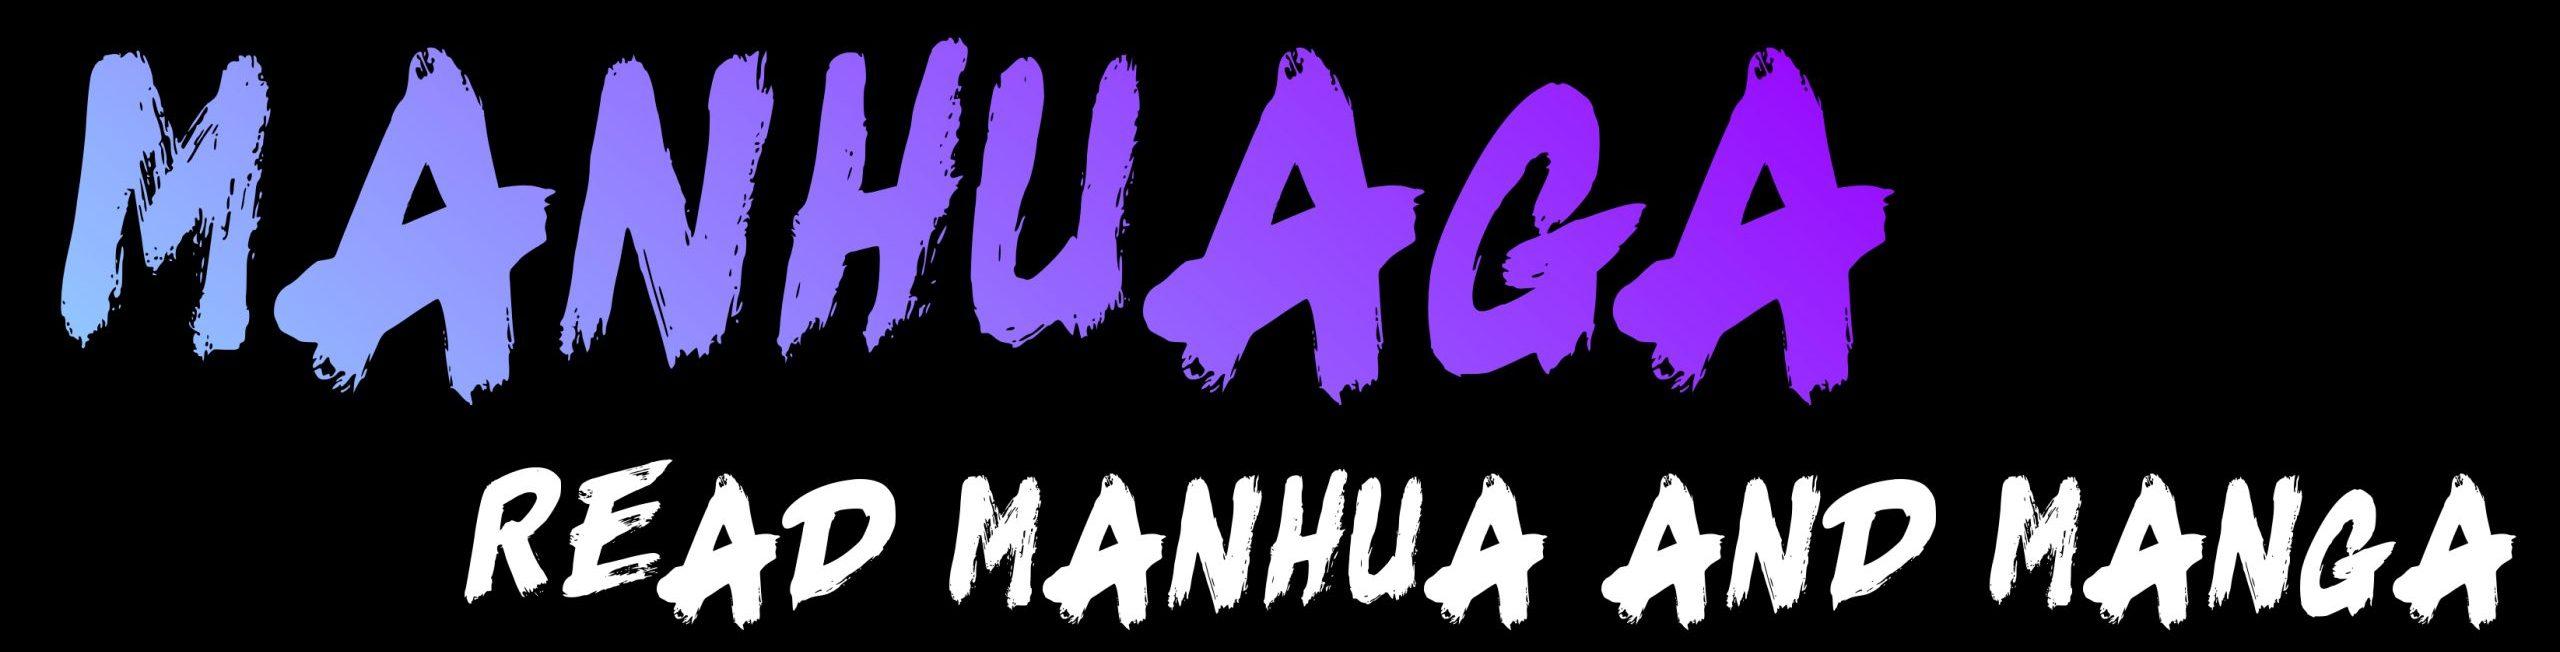 Manhuaga